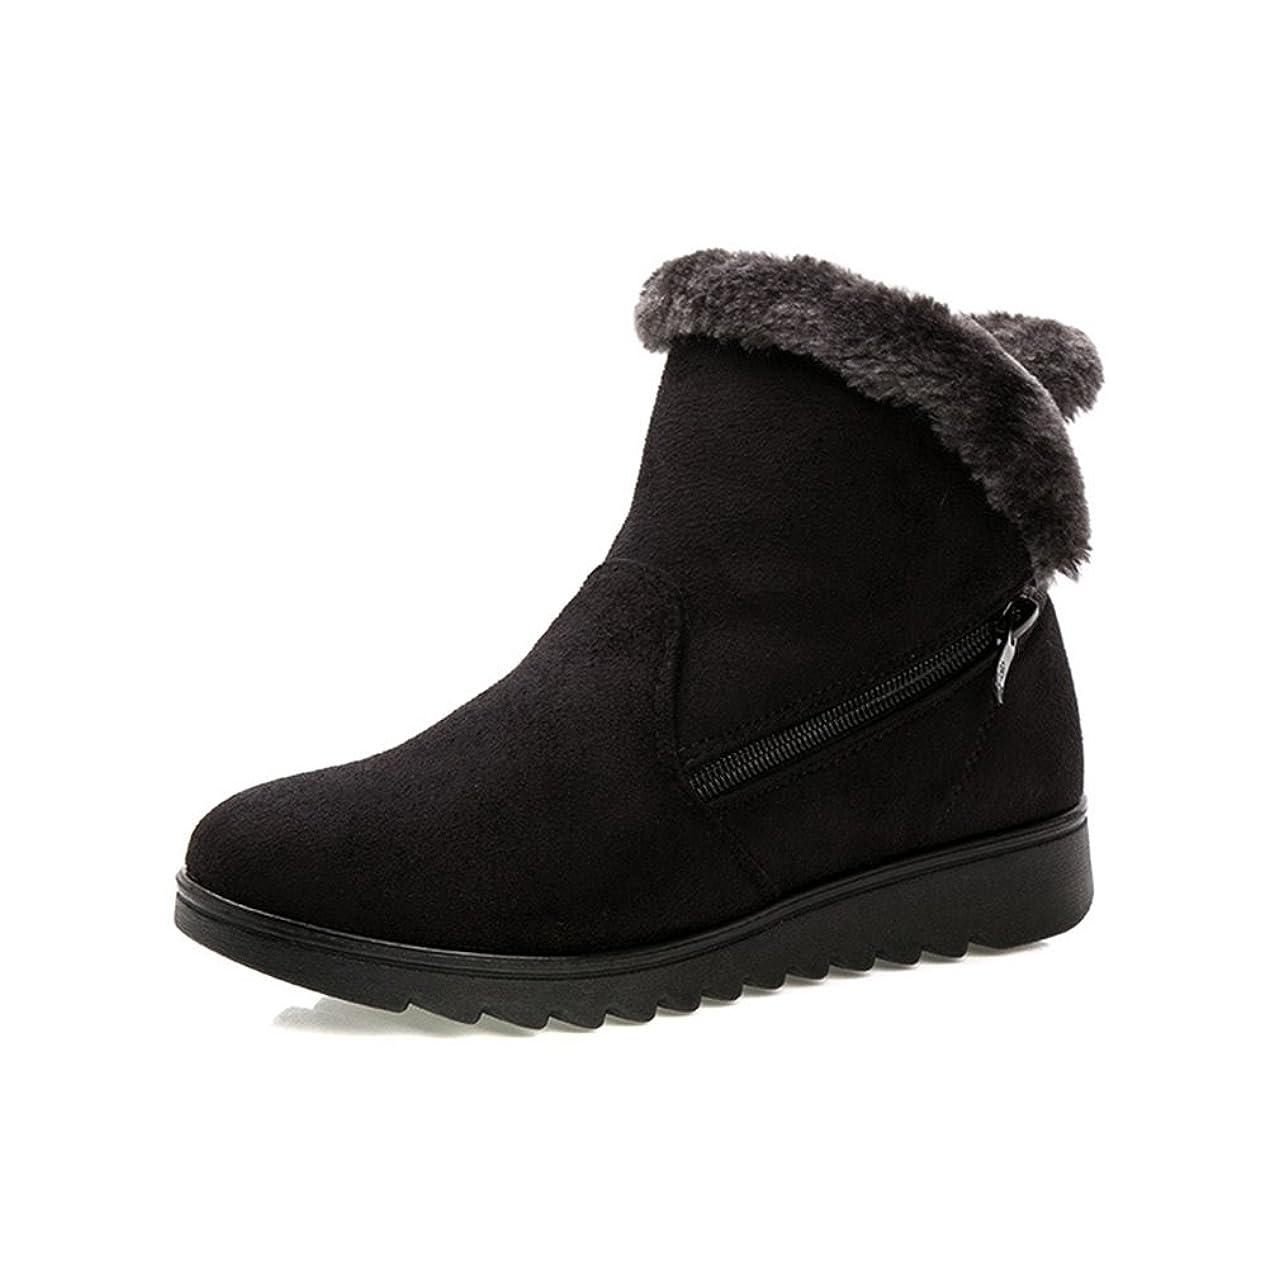 ブロンズ何か劣る[モリケイ] スノーブーツ 冬靴 レディース Winter Camp Pull-On ウインター キャンプ プル-オン 保温 防寒 スノトレ スノーシューズ かんじき ブーツ